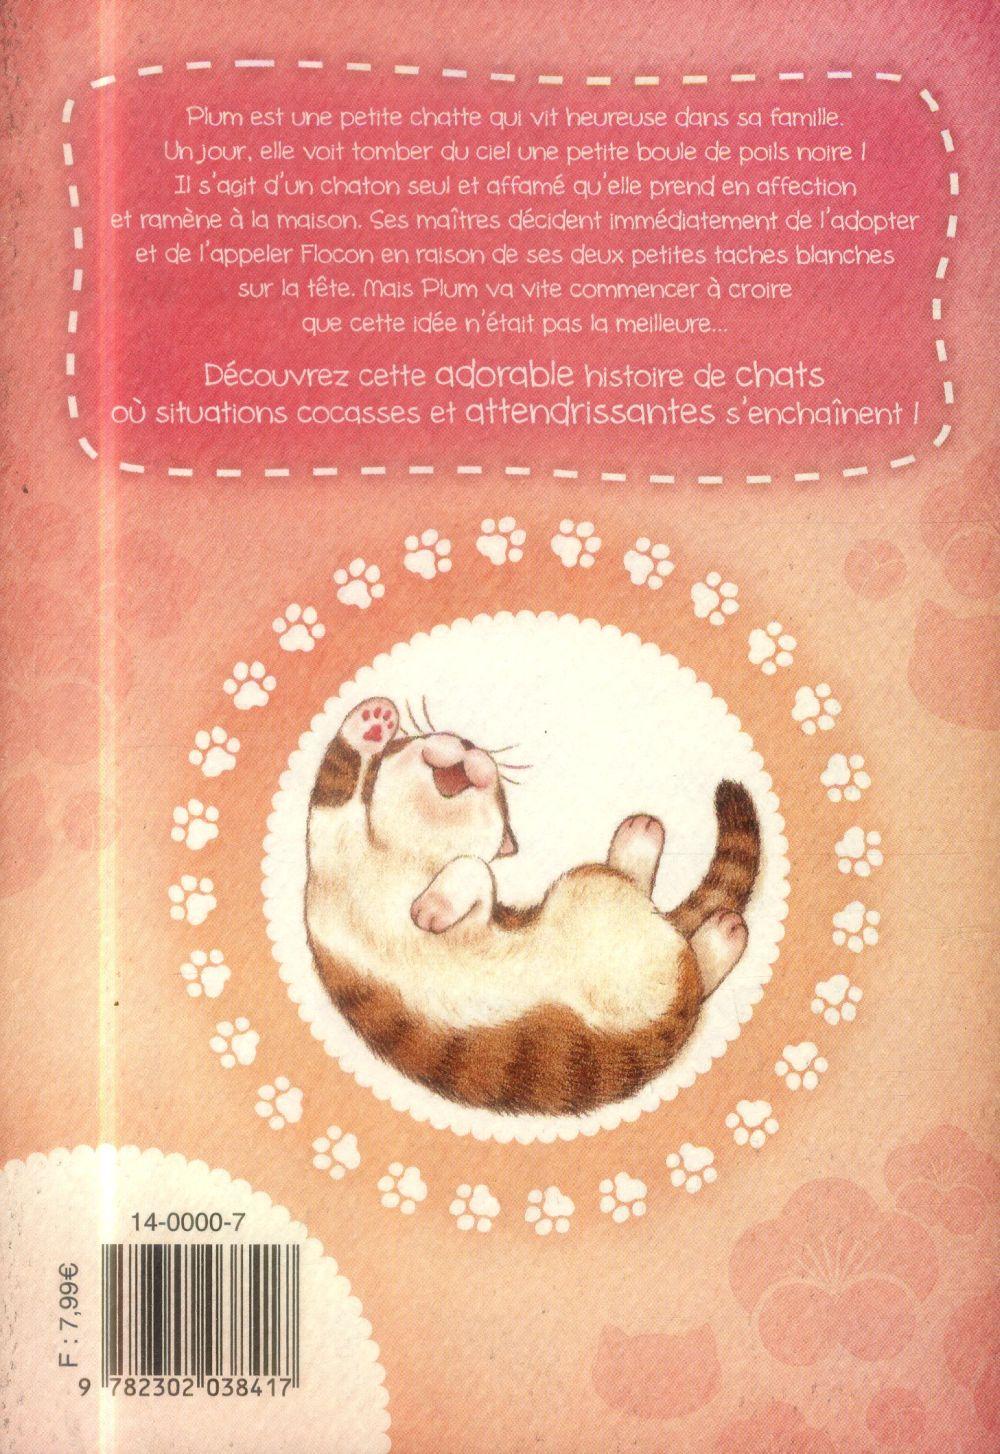 Plum, un amour de chat t.2